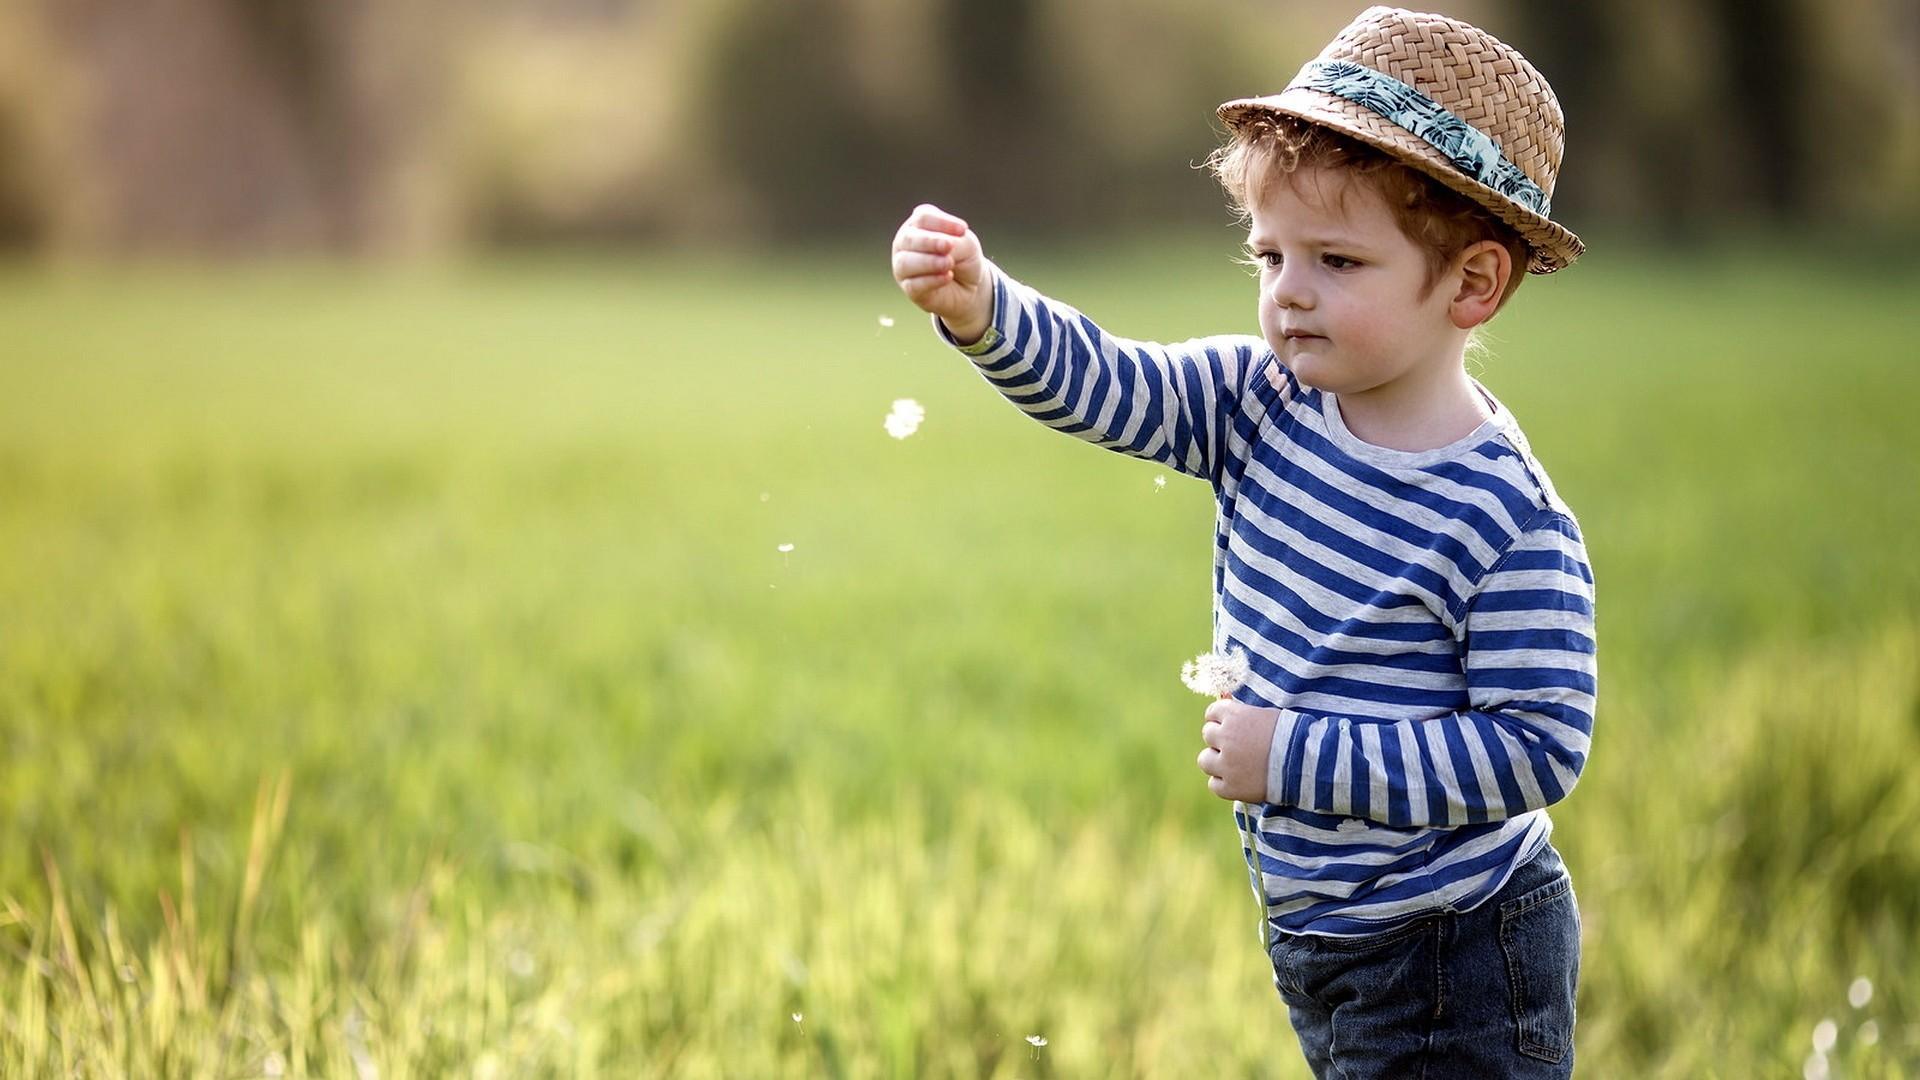 صور صور اطفال اولاد , الاطفال و جمالهم وصور لهو